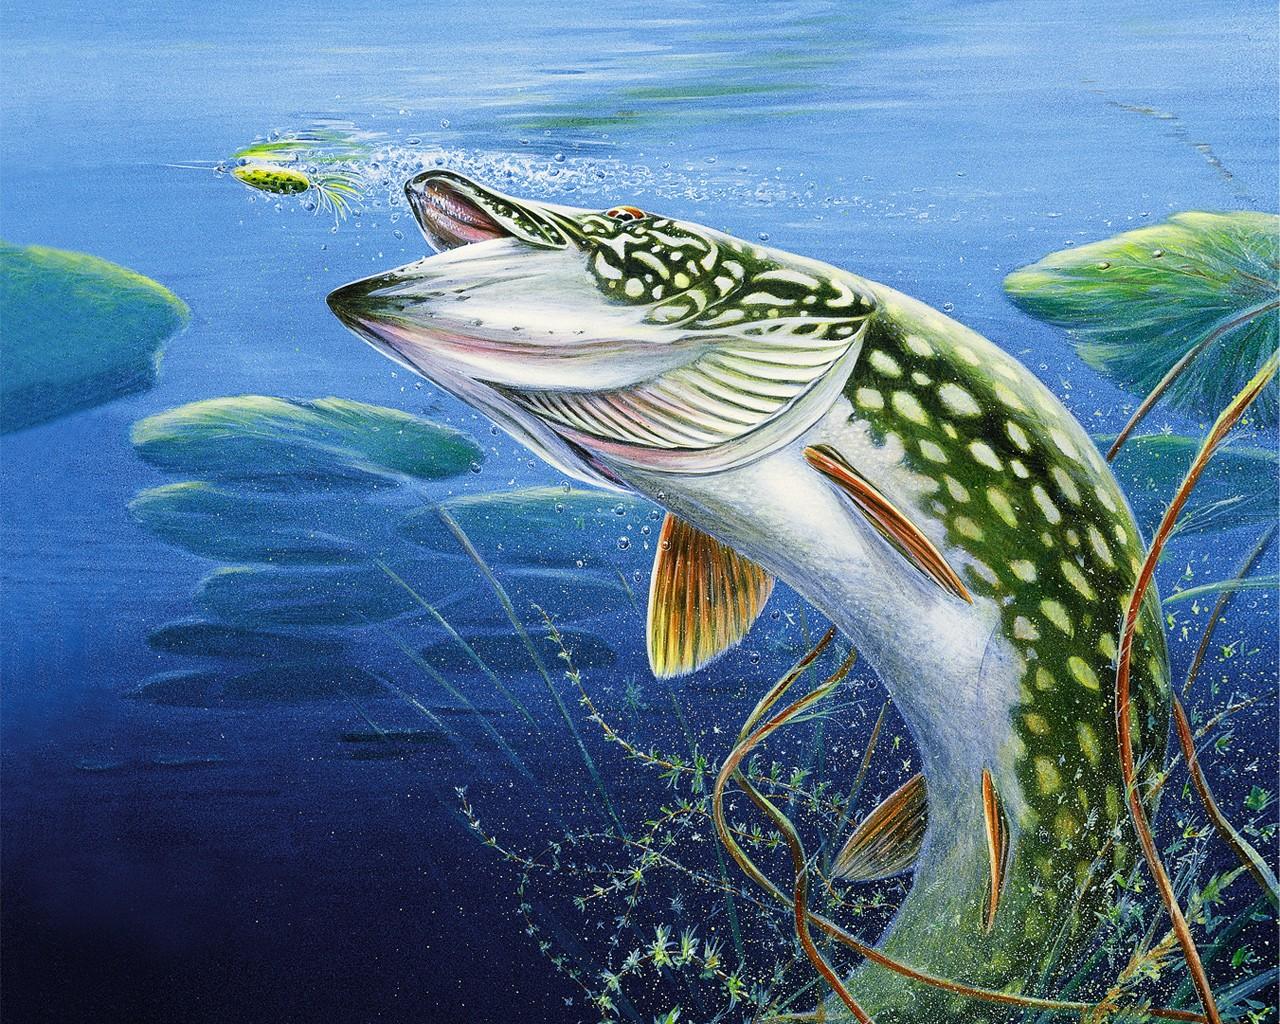 Bass Fishing Desktop Wallpapers Wallpaper 1280x1024